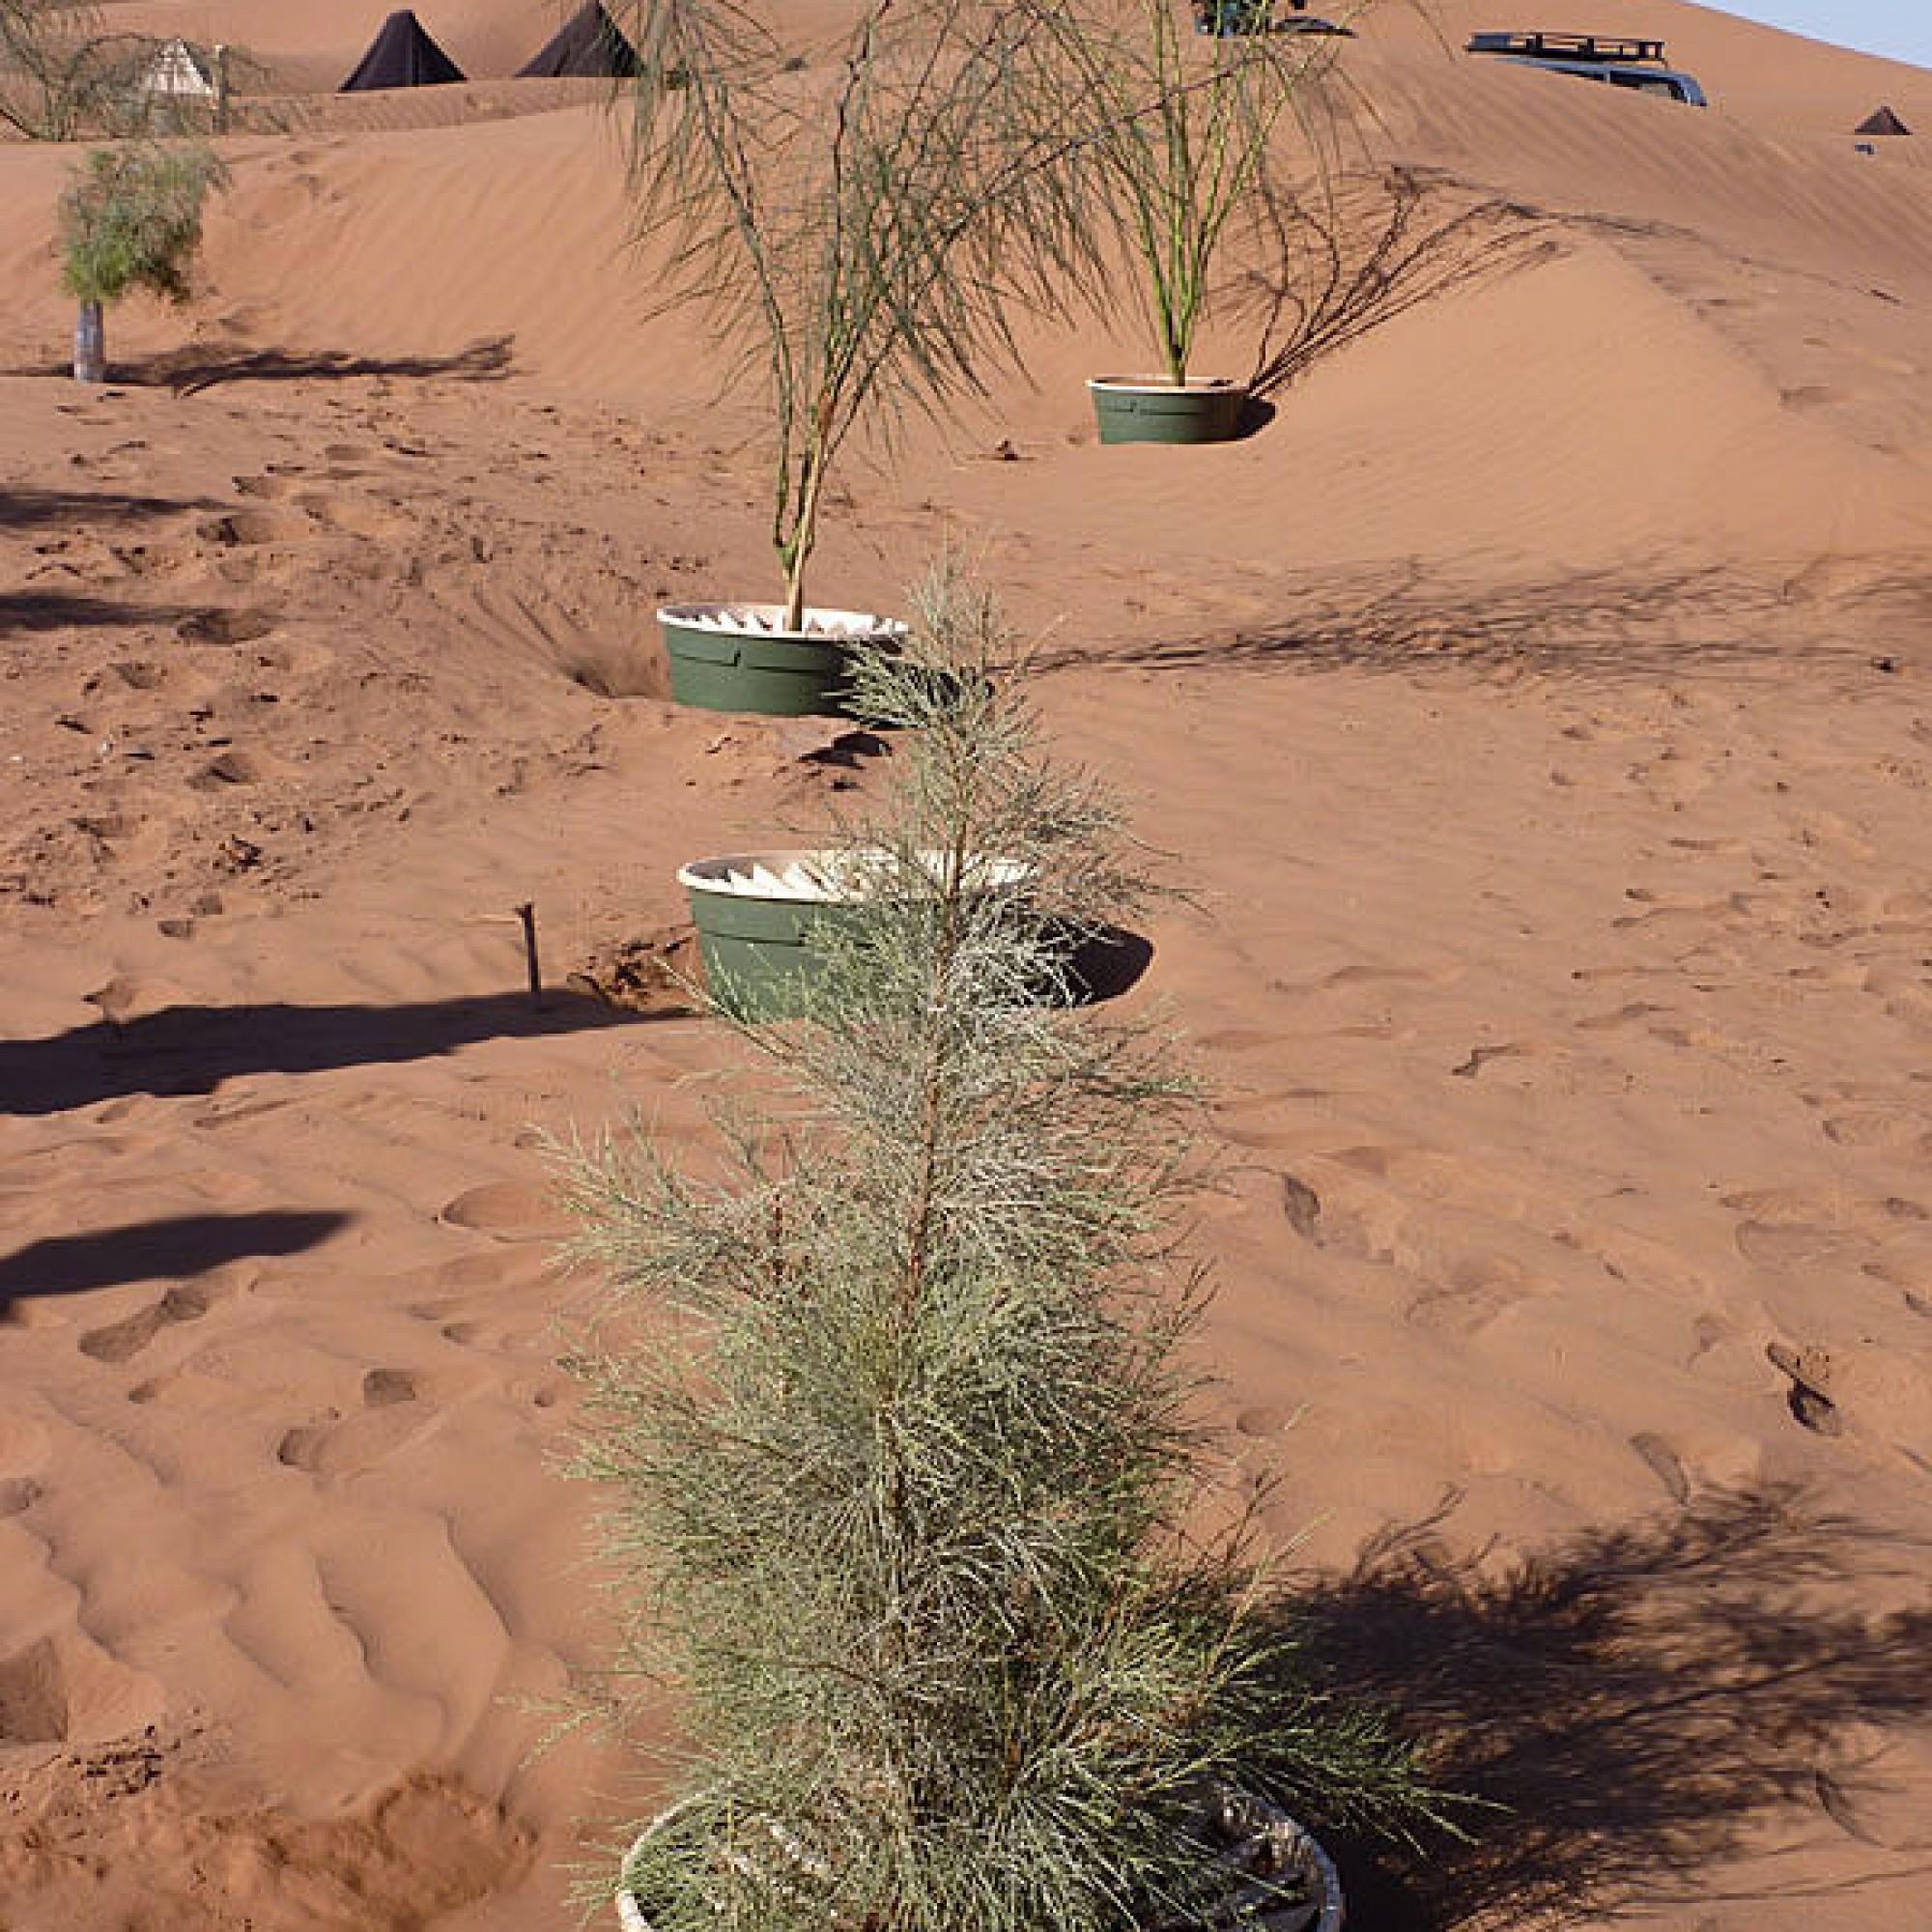 Einsatz der so genannten Waterboxx aus Polypropylen zur Aufforstung in einem Wüstengebiet. Die neue Greenbox ist hingegen aus recyceltem Papier hergestellt, biologisch abbaubar und verbraucht noch weniger Wasser. (Bild: zvg)